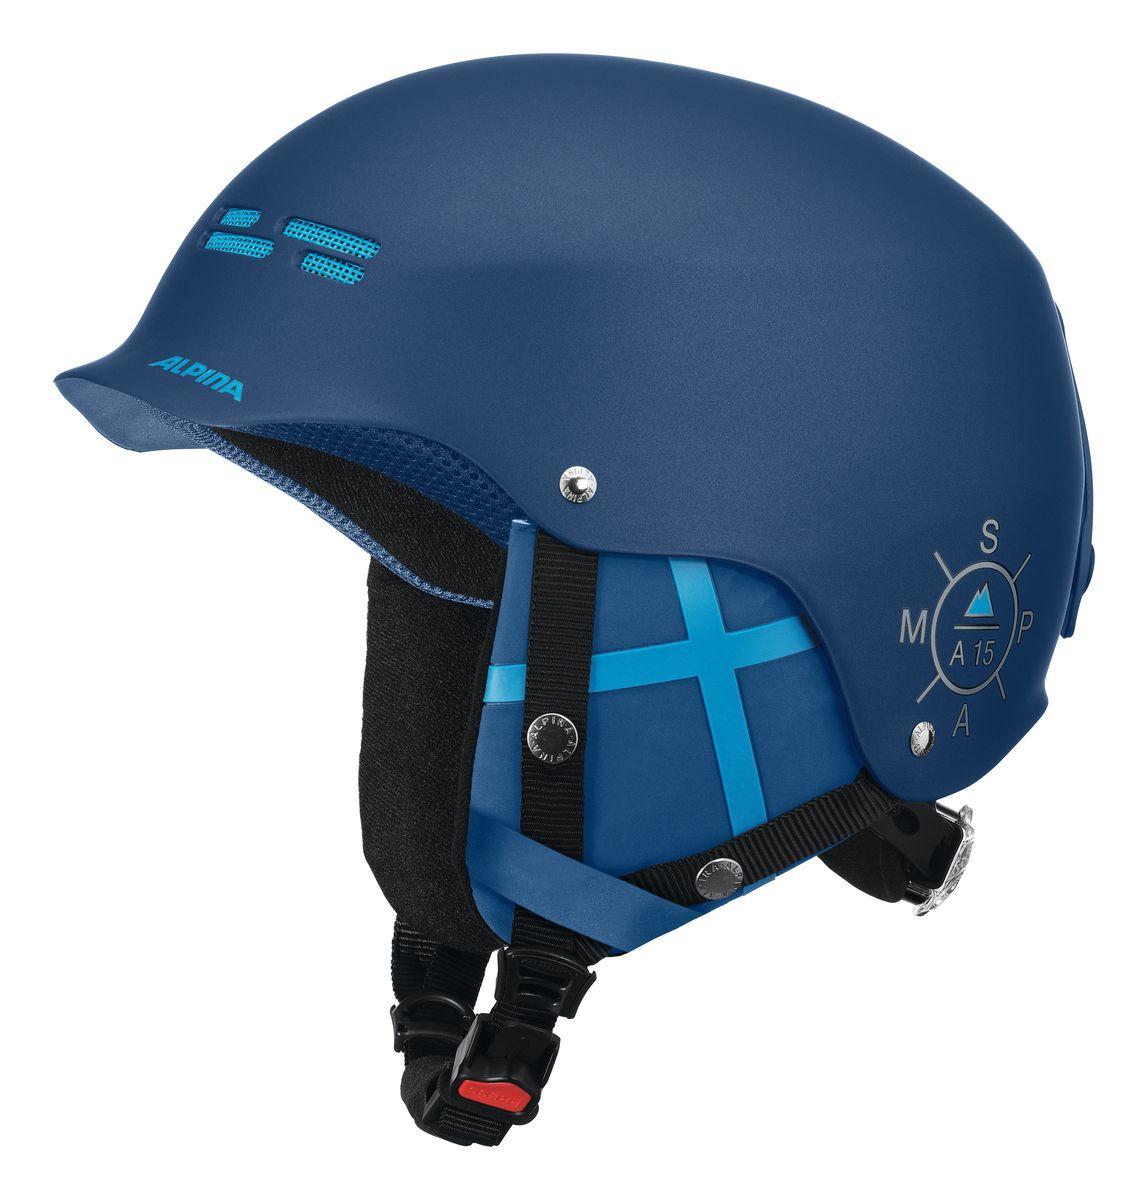 Шлем зимний Alpina Spam Cap, цвет: синий. Размер 54-579033_82Ультрастильный шлем для бесстрашных. Яркие цвета и стильный дизайн отлично смотреться в парке или в пайпе.• Шлем имеет максимально надёжную и долговечную Hardshell конструкцию - предварительно отлитая оболочка из ударопрочного пластика ABS прочно соединена с внутренней оболочкой из вспененного полистирола• Вентиляционные отверстия препятствуют перегреву и позволяют поддерживать идеальную температуру внутри шлема. Для этого инженеры Alpina используют эффект Вентури, чтобы сделать циркуляцию воздуха постоянной и максимально эффективной• Съемные ушки-амбушюры можно снять за секунду и сложить в карман лыжной куртки. Если вы наслаждаетесь катанием в начале апреля, такая возможность должна вас порадовать. А когда температура снова упадет - щелк и вкладыш снова на месте!• Внутренная оболочка каждого шлема Alpina состоит из гранул HI-EPS (сильно вспененного полистирола). Микроскопические воздушные карманы эффективно поглощают ударную нагрузку и обеспечивают высокую теплоизоляцию. Эта технология позволяет достичь минимальной толщины оболочки. А так как гранулы HI-EPS не впитывают влагу, их защитный эффект не ослабевает со временем.• Ручка регулировки Run System Classic в задней части шлема позволяет за мгновение комфортно усадить шлем на затылке• Y-образный ремнераспределитель двух ремешков находится под ухом и обеспечивает быструю и точную посадку шлема на голове• Вместо фастекса на ремешке используется красная кнопка с автоматическим запирающим механизмом, которую легко использовать даже в лыжных перчатках. Механизм защищён от произвольного раскрытия при падении.